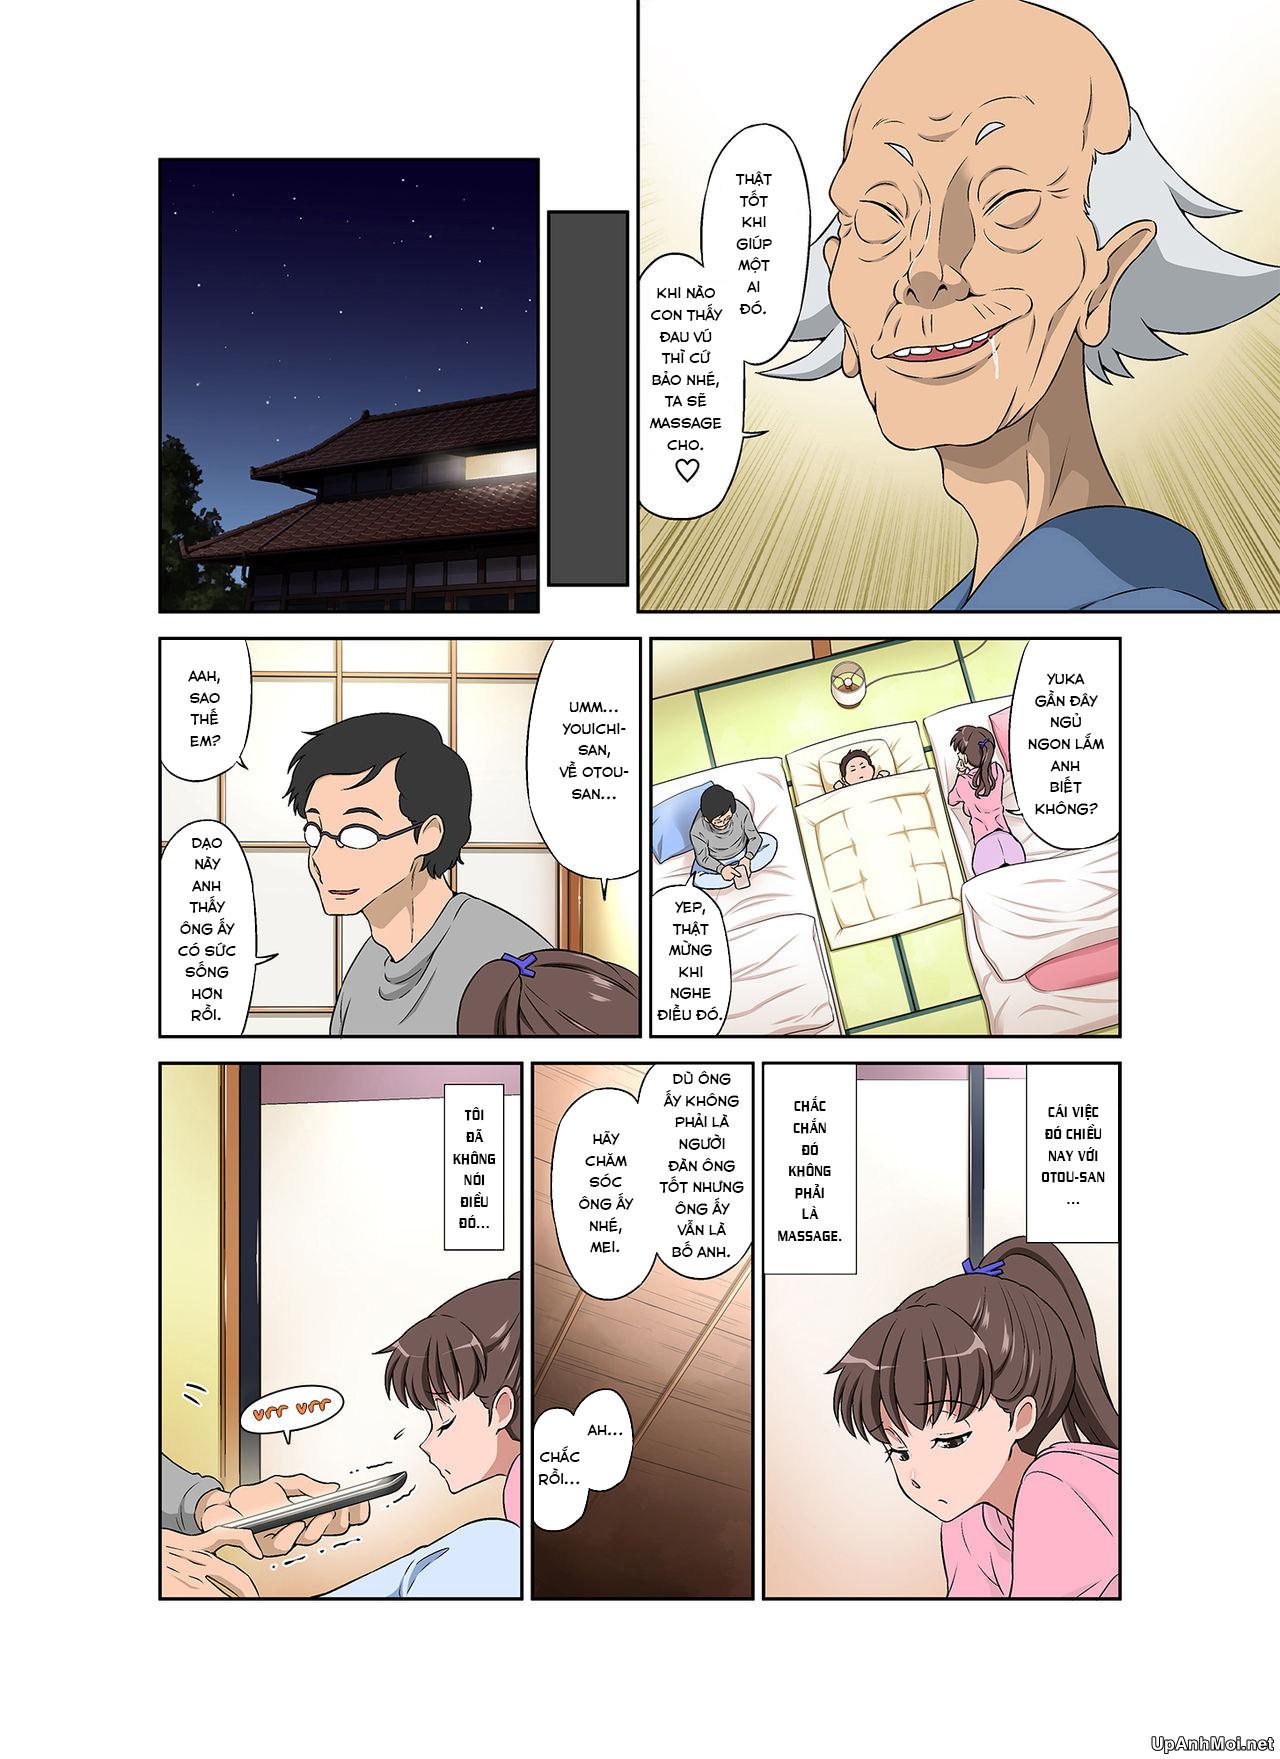 Hình ảnh  trong bài viết Shinmai Mama-san NTR